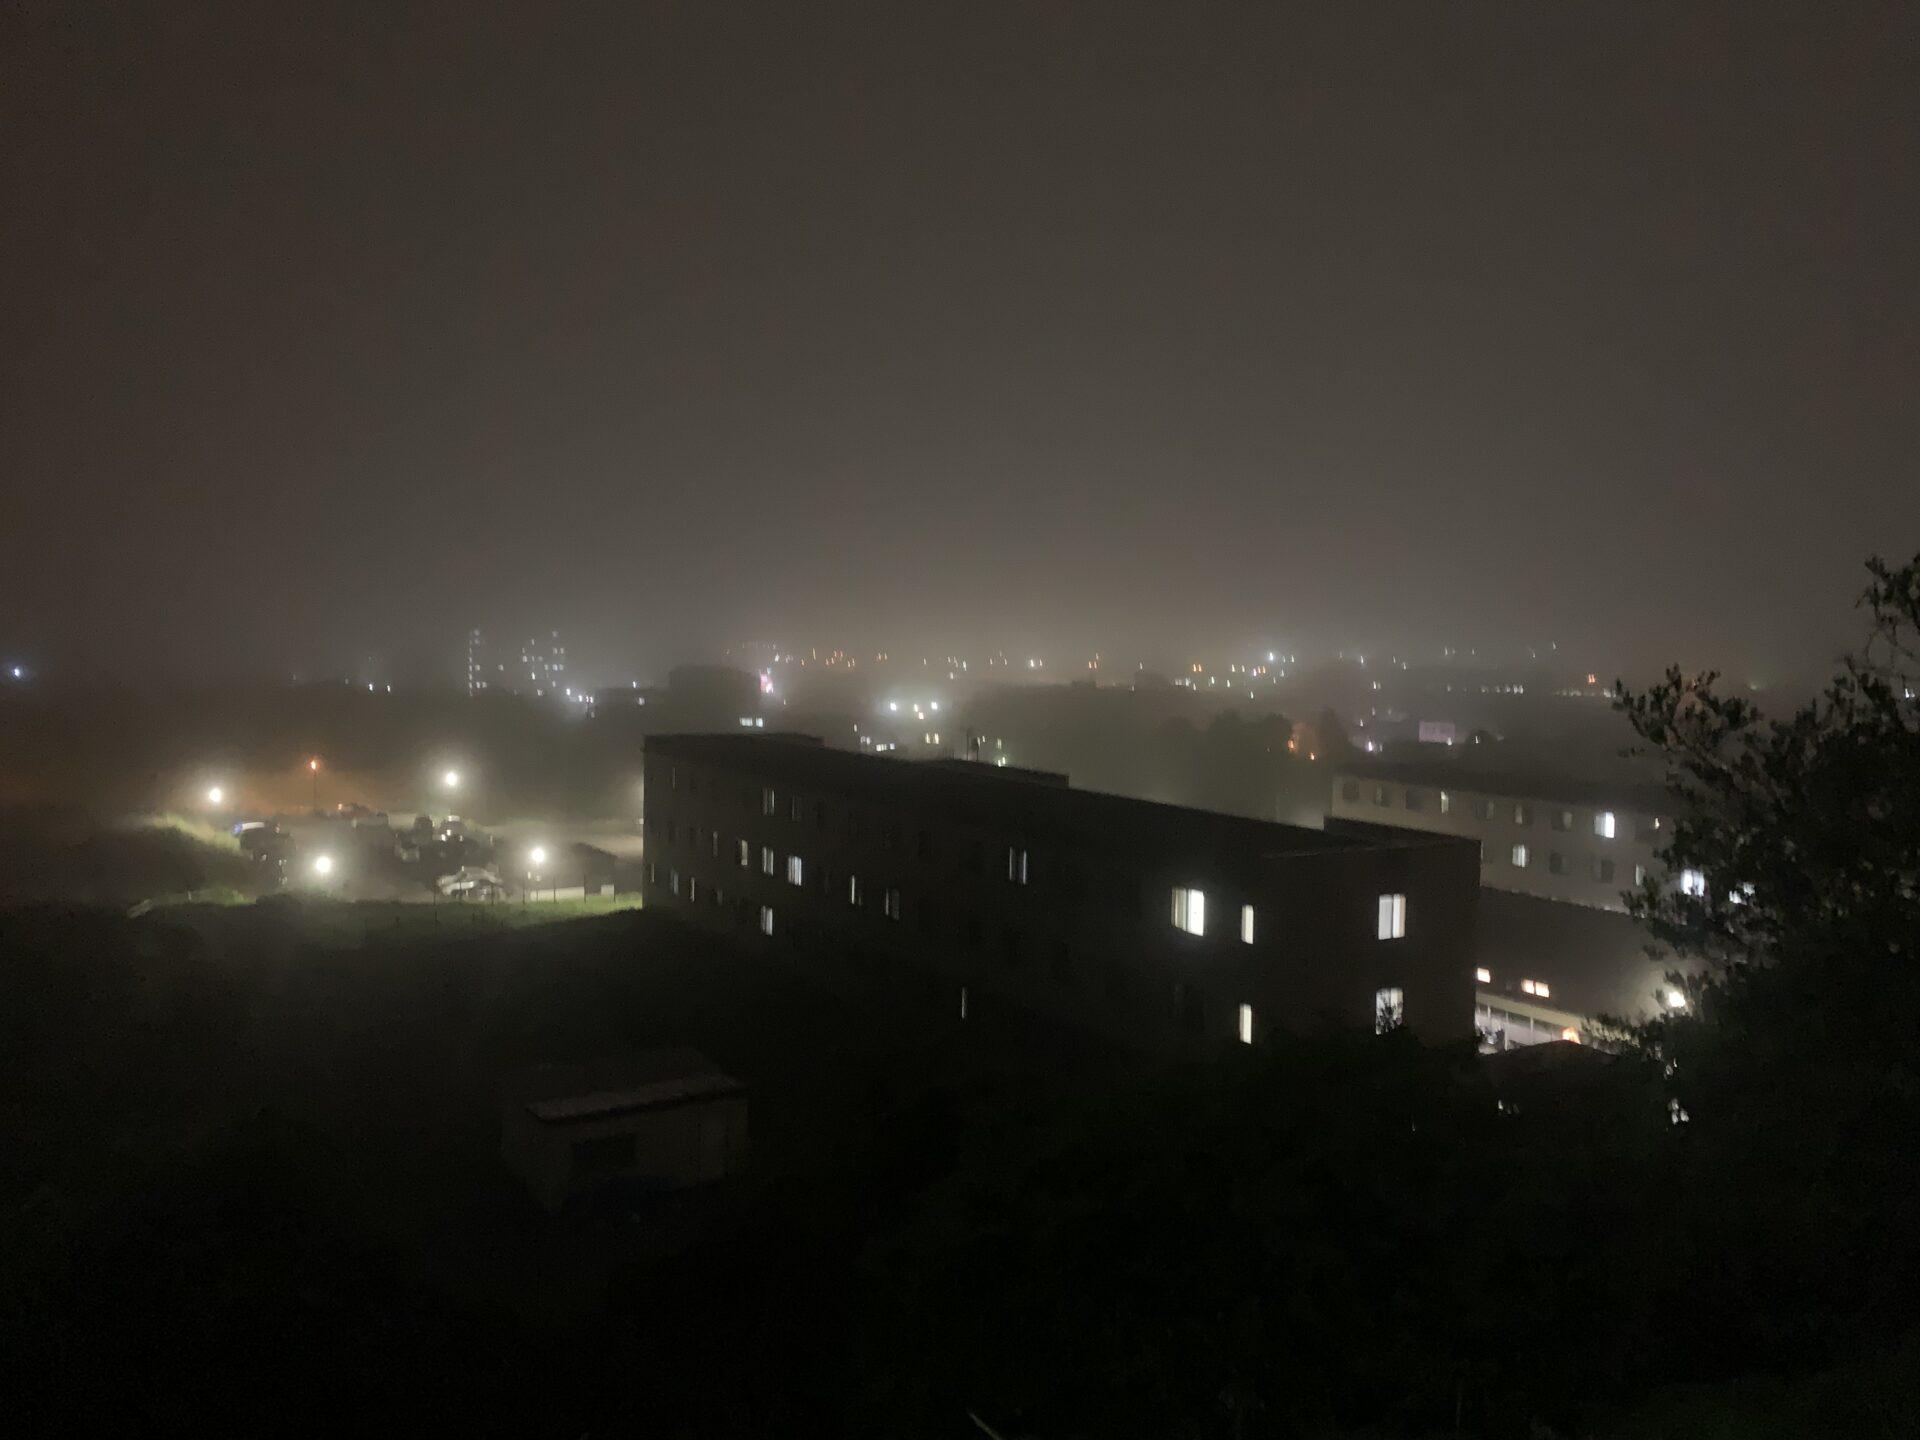 洞爺湖マラソン2日前は北海道・室蘭にて工場夜景鑑賞ジョグのはずが・・・